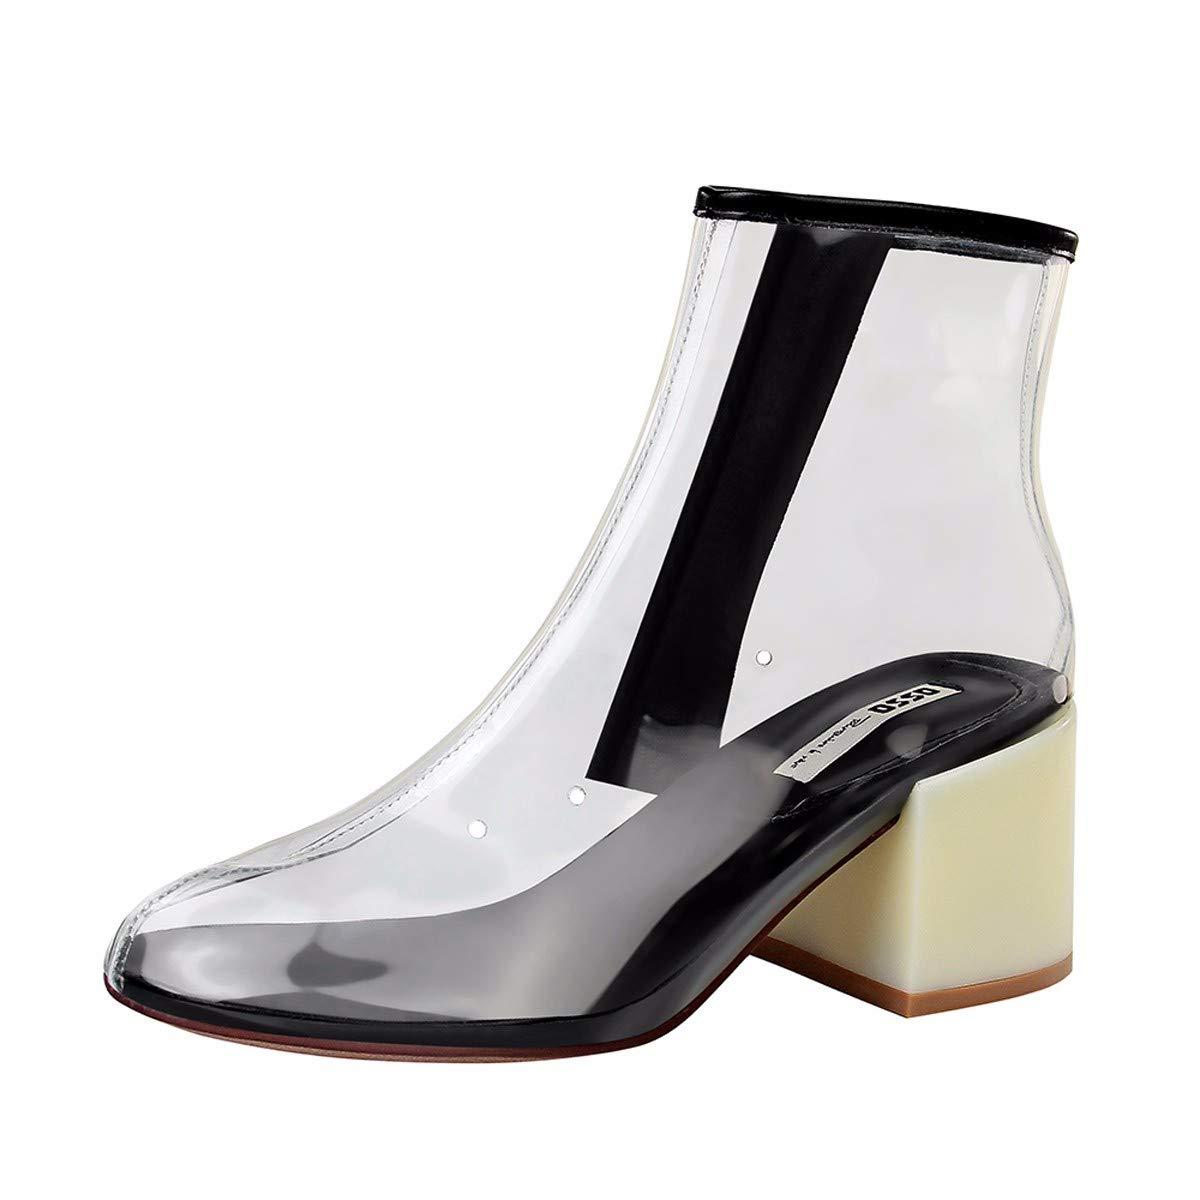 LBTSQ Damenschuhe Mode Mode 6 cm Hoch Farbabstimmung Dicke Sohle Perspektive Runden Kopf Slim Nackte Füße Seite Reißverschluss Transparent Stiefel